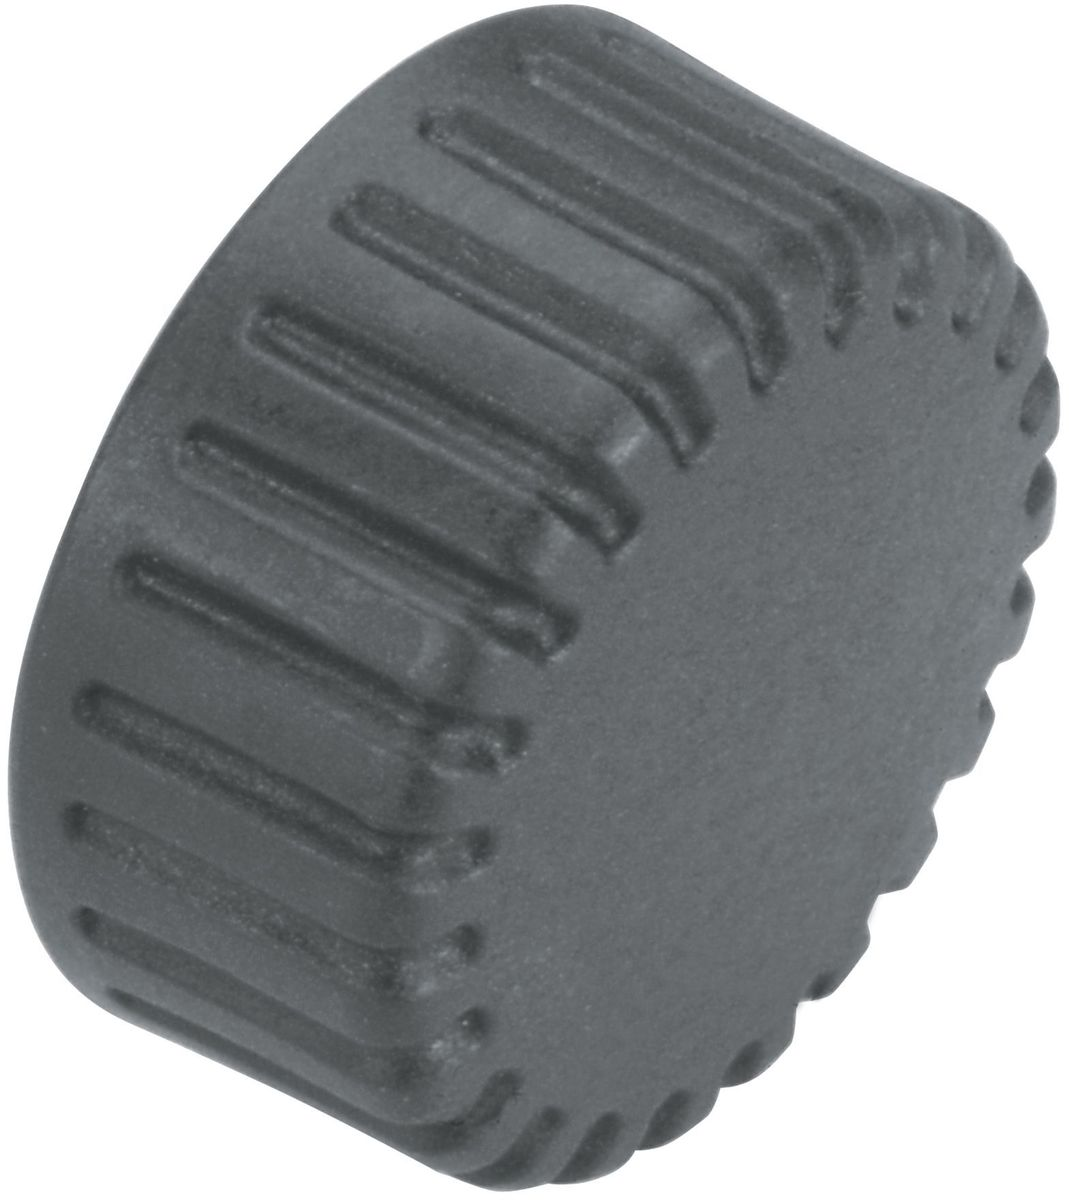 Заглушка Gardena PRO, концевая, капельная, внутренняя резьба 1106-032Заглушка Gardena PRO выполнена из высококачественного пластика. Она используется для блокировки выходных отверстий, которые не предполагается использовать. Можно комбинировать с соединителем для клапана полива (арт. 2753).